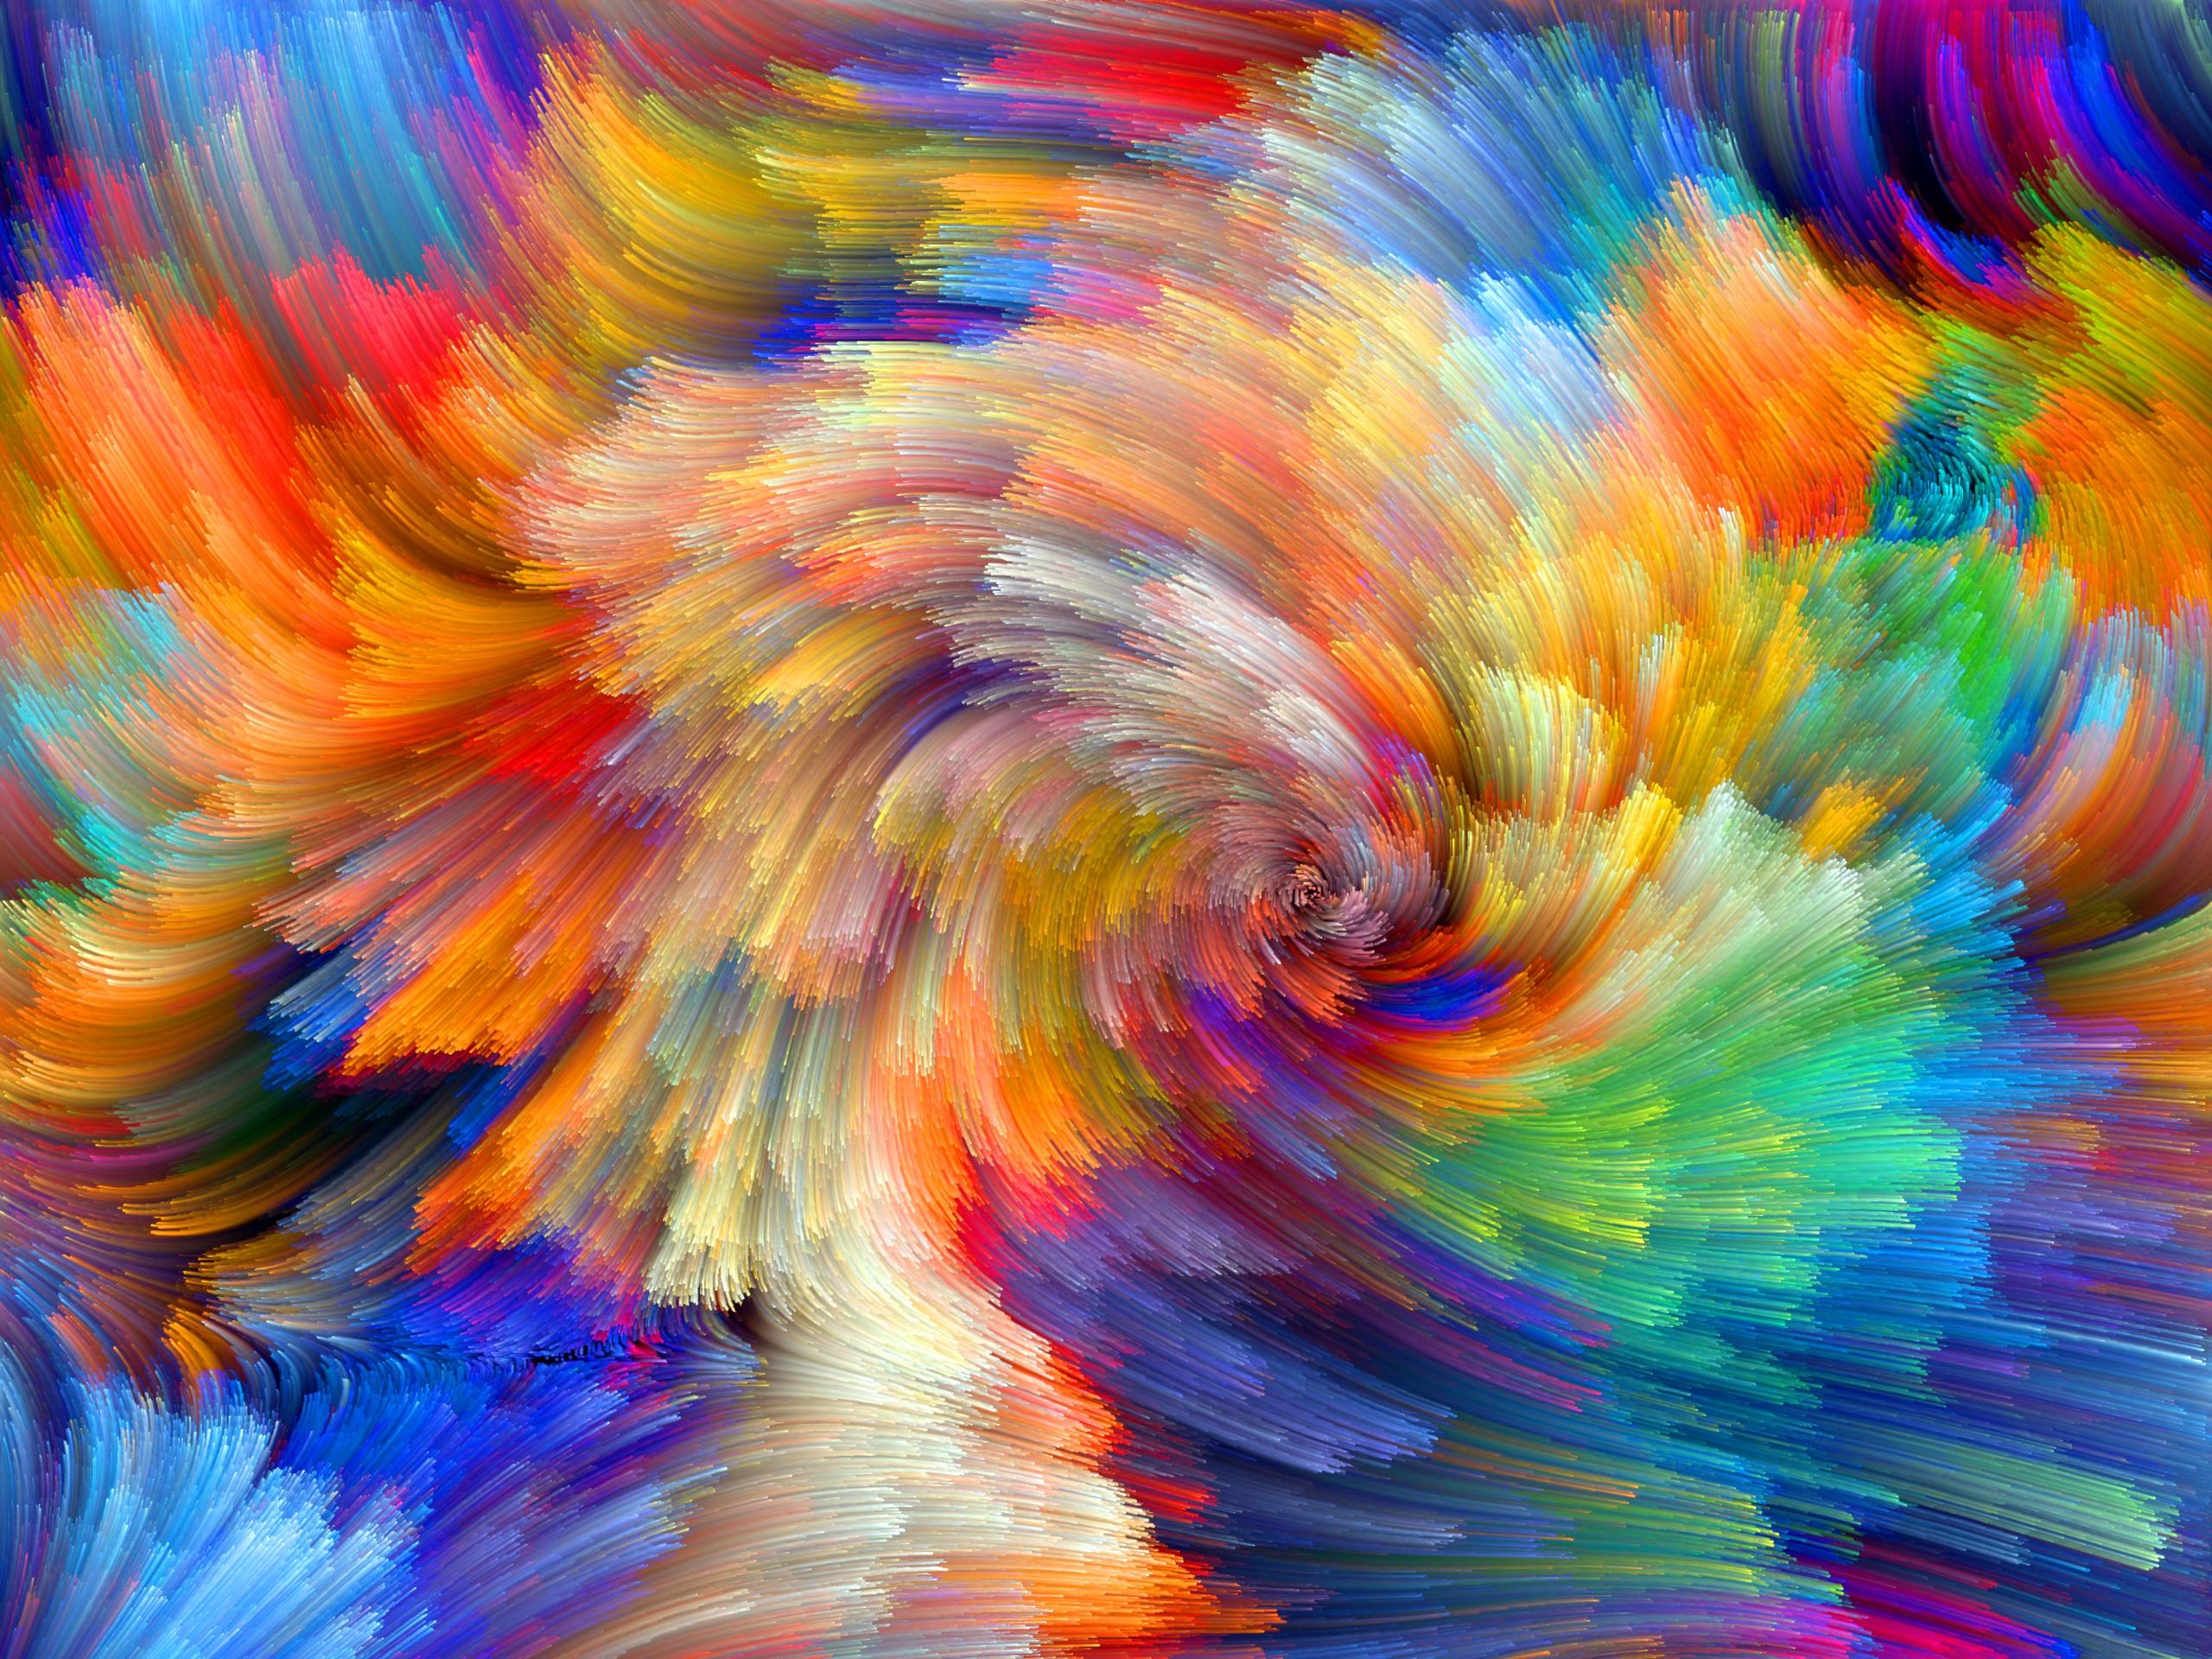 Fondos de pantalla modelo del arco iris l neas de colores for Imagenes de cuadros abstractos grandes